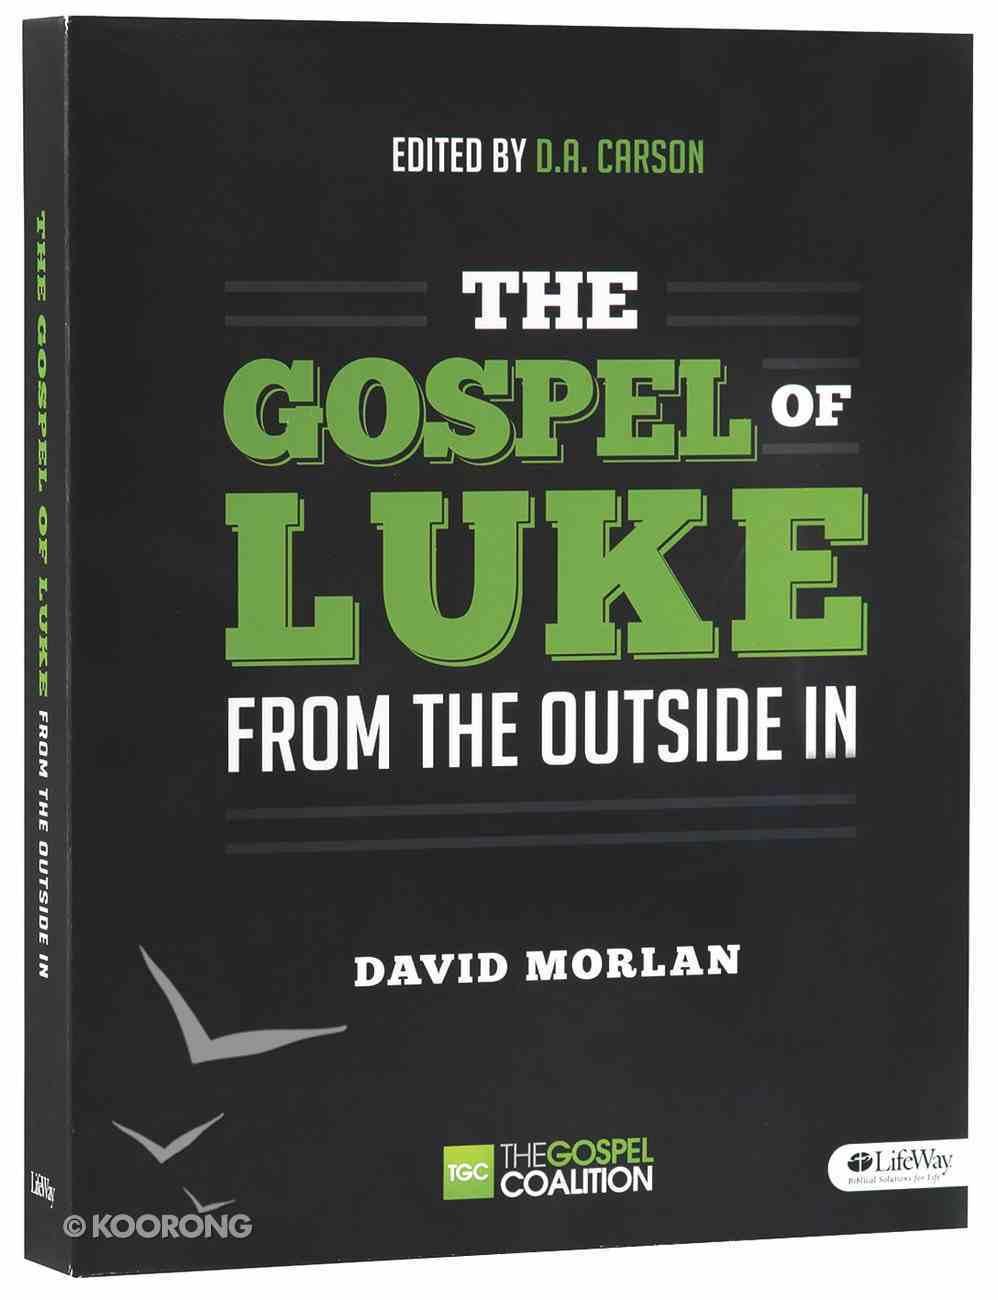 Gospel of Luke, the - From the Outside in (12 Sessions) (Leader Kit) Pack